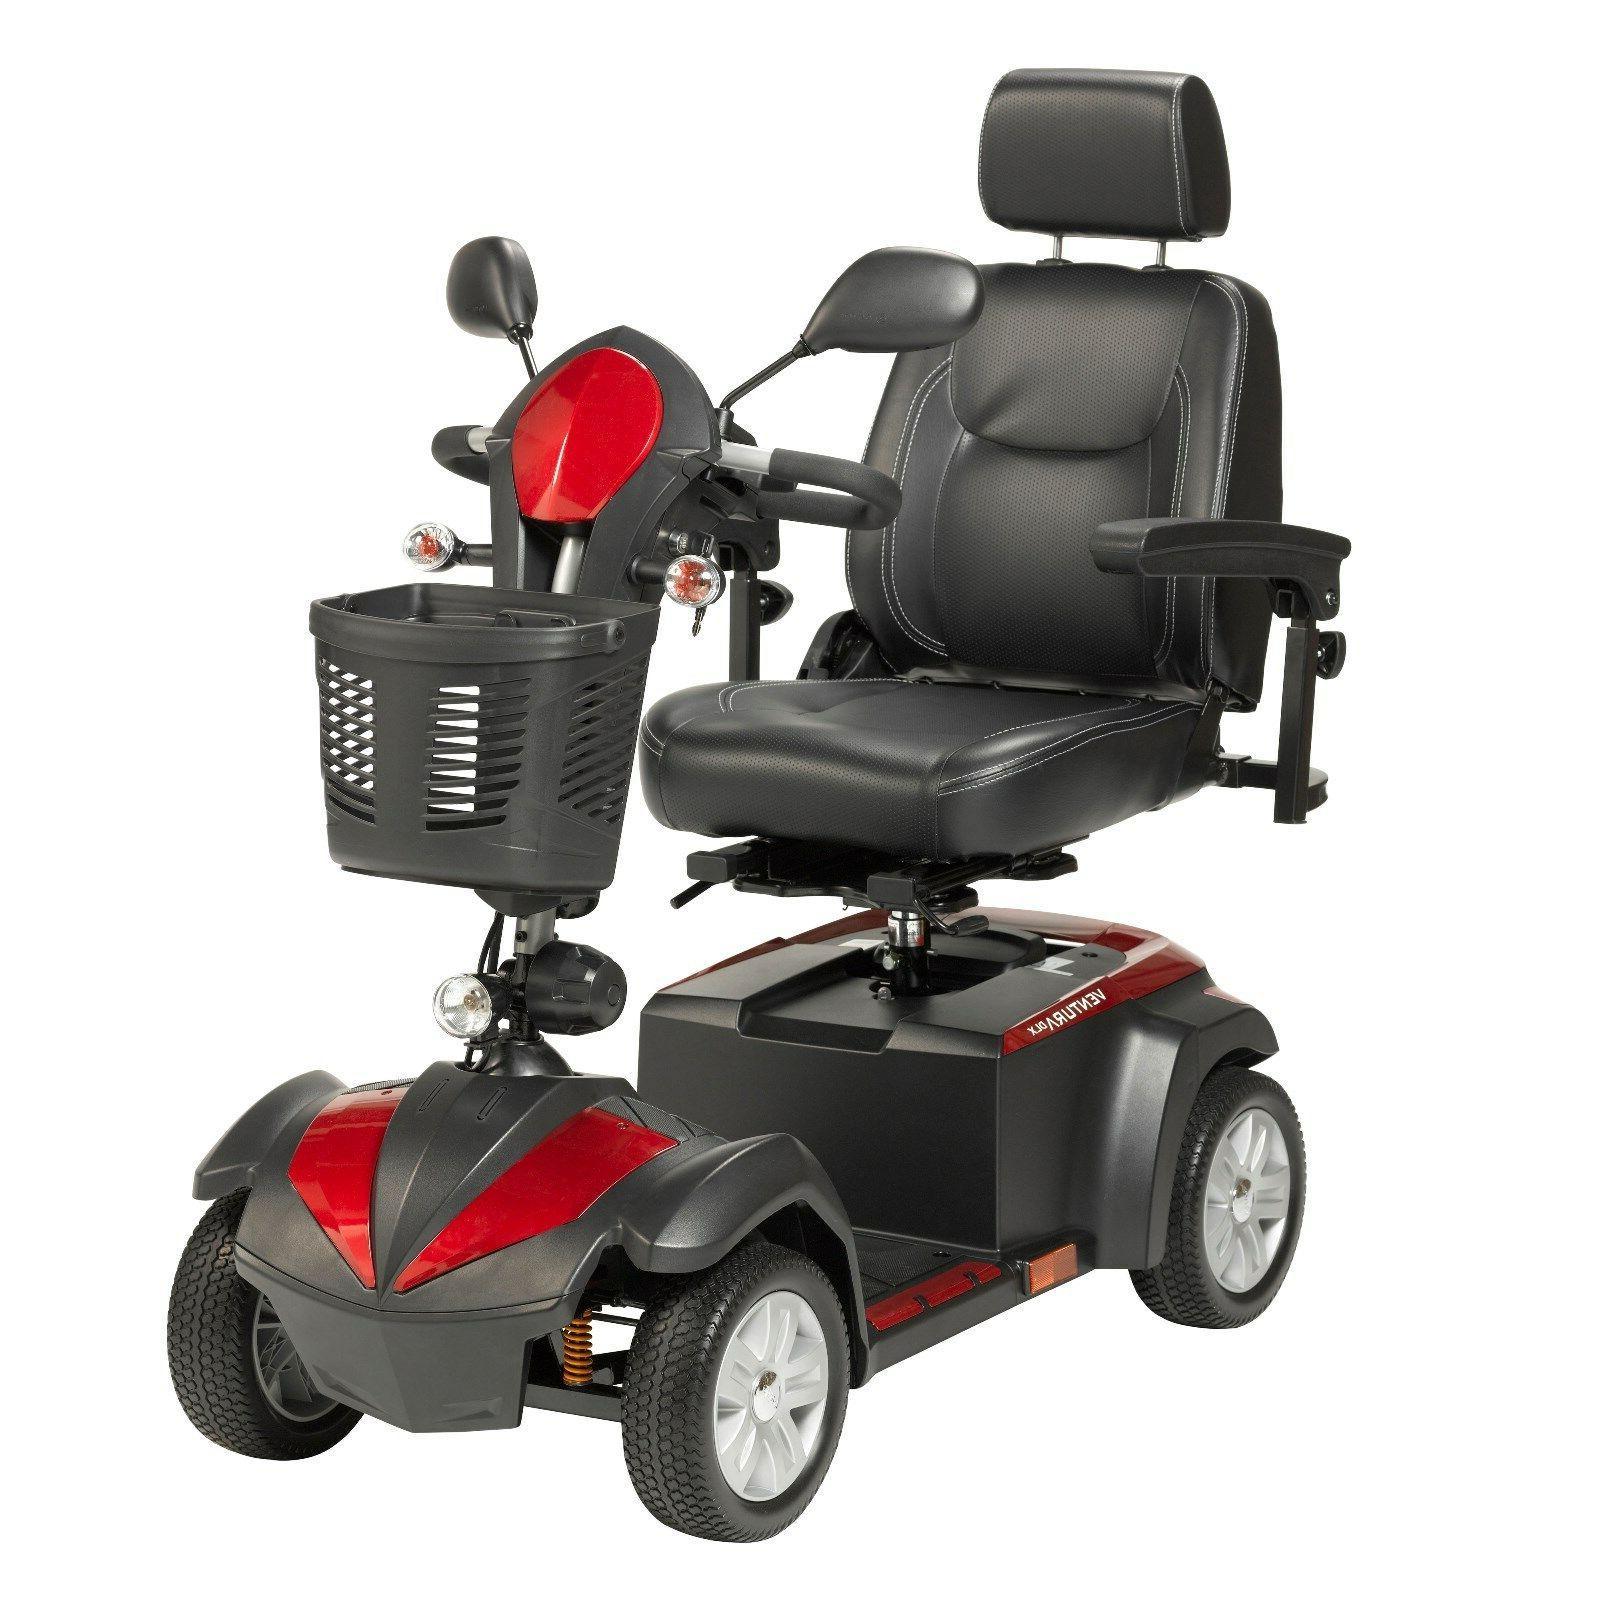 Ventura Power Mobility 3 Wheel, Make offer